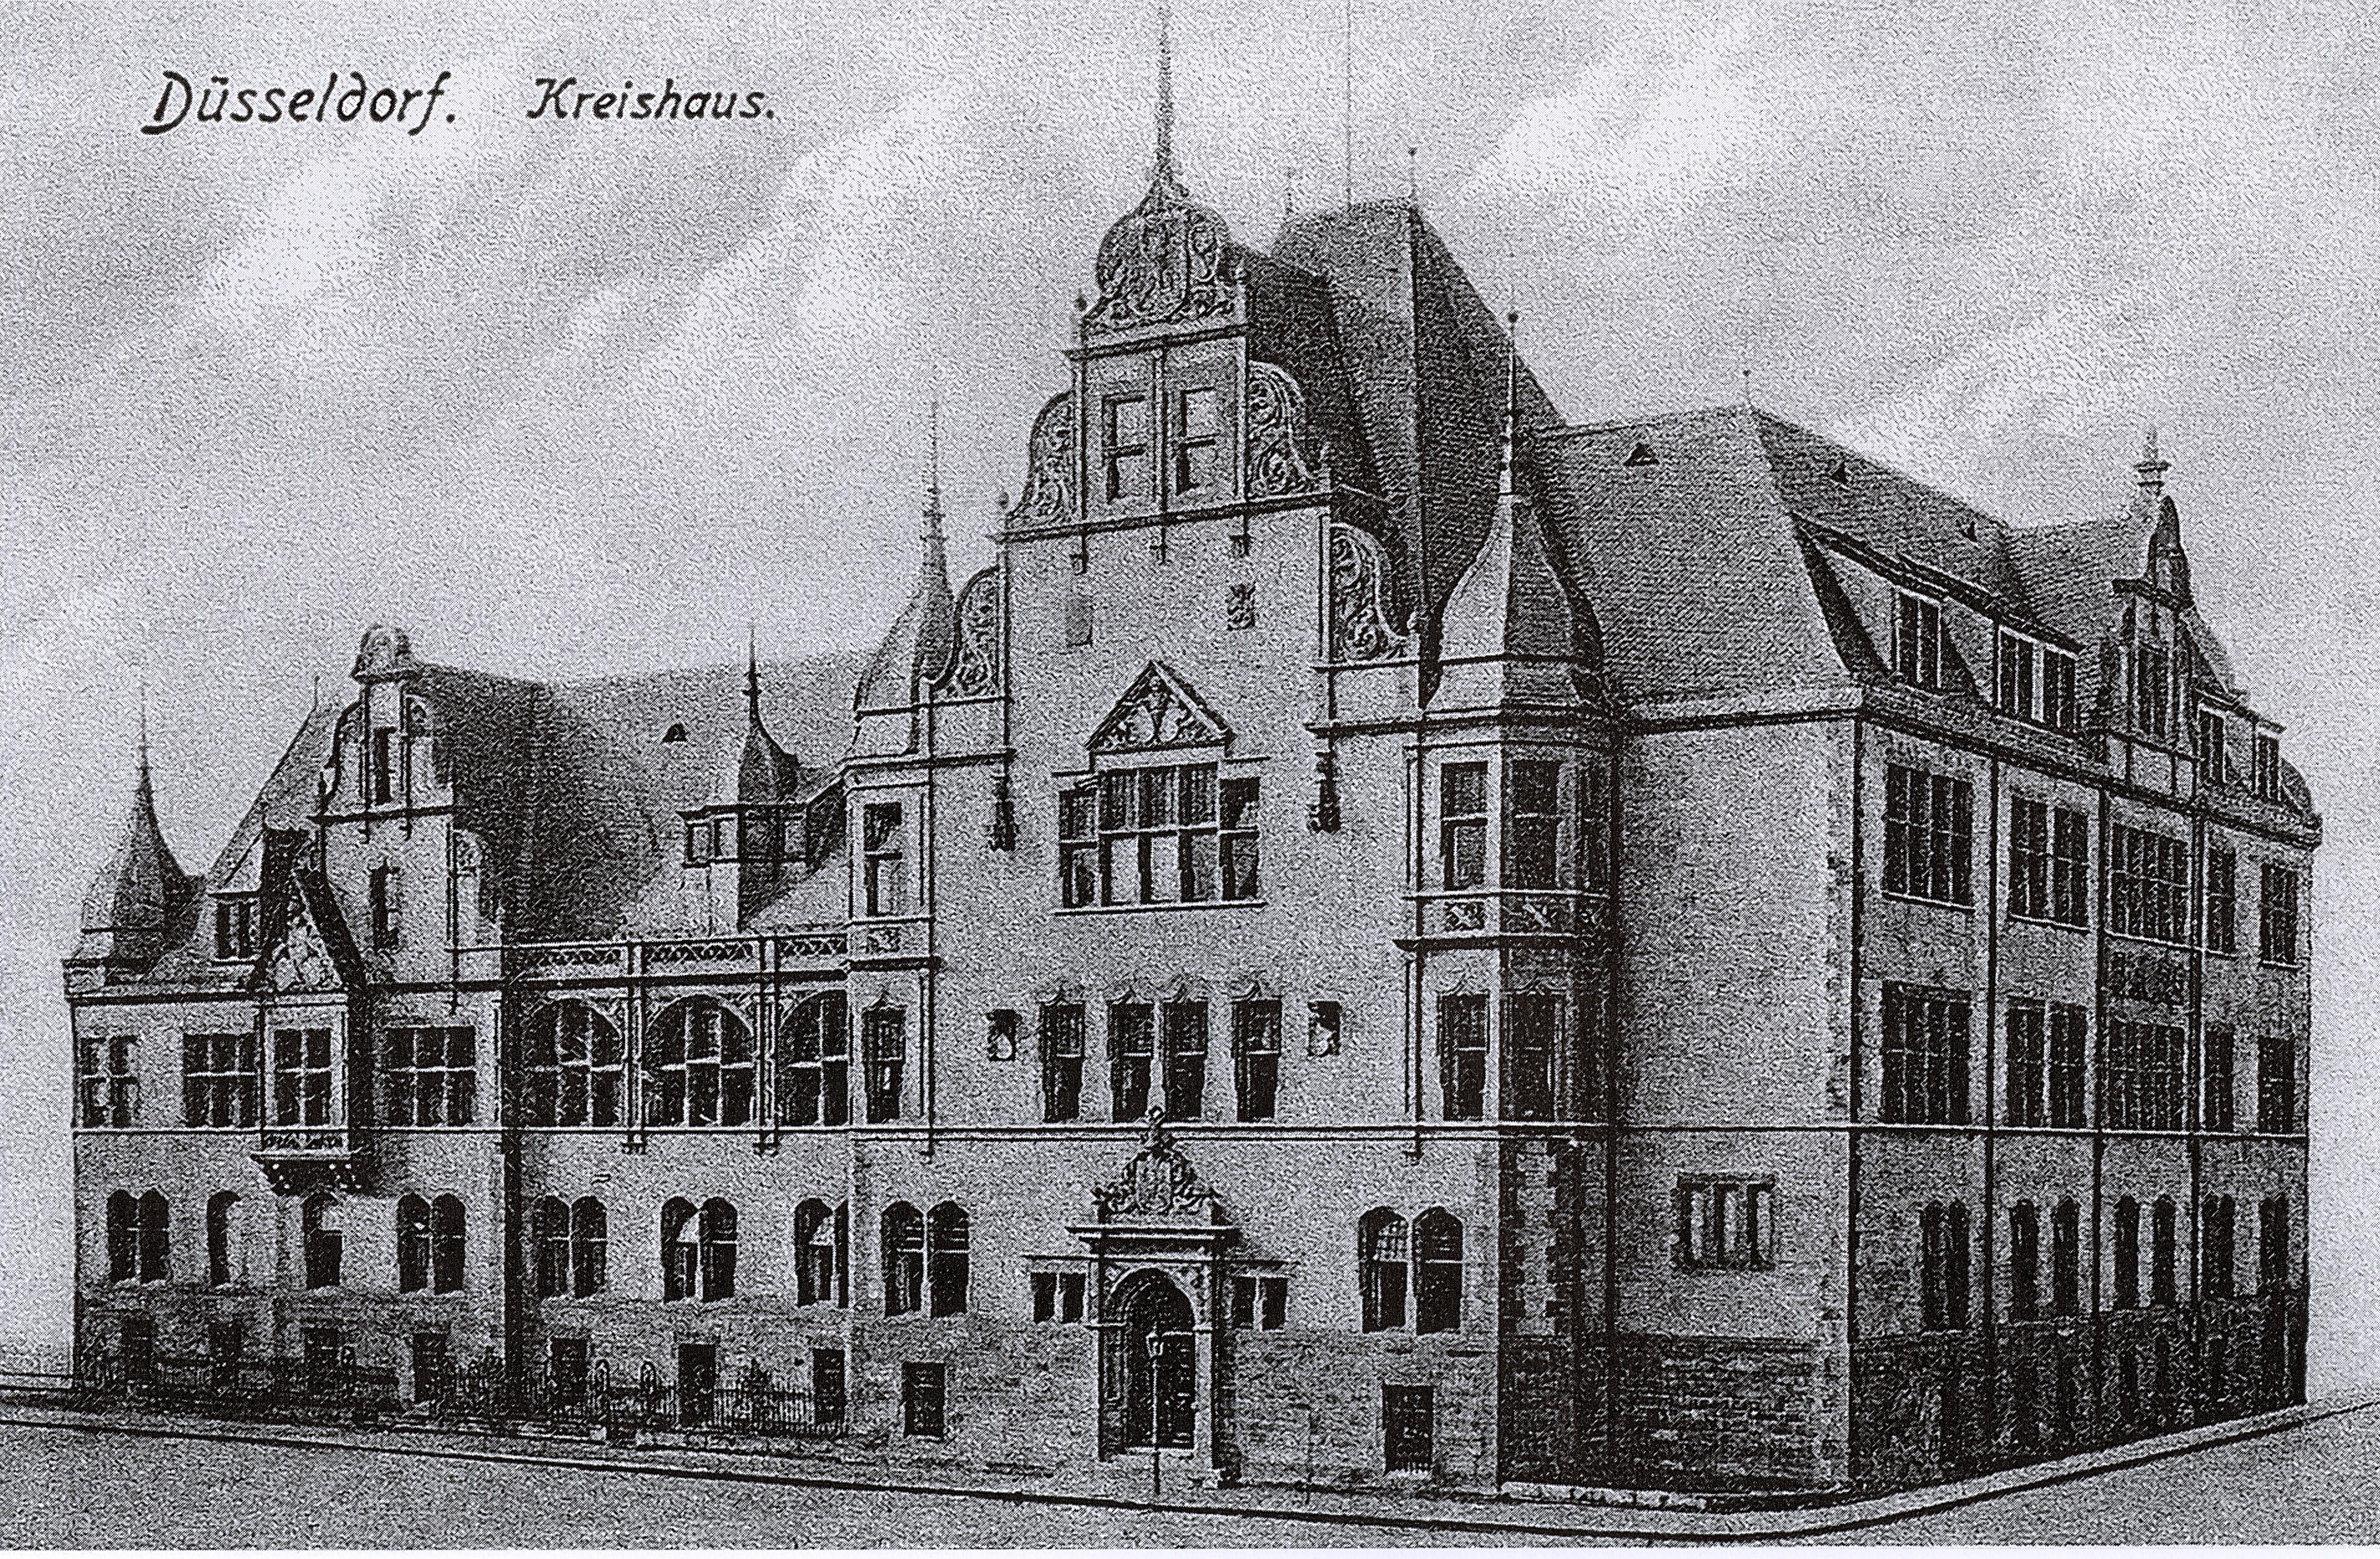 Architekten Düsseldorf file düsseldorf kasernenstraße kreishaus erbaut 1901 bis 1903